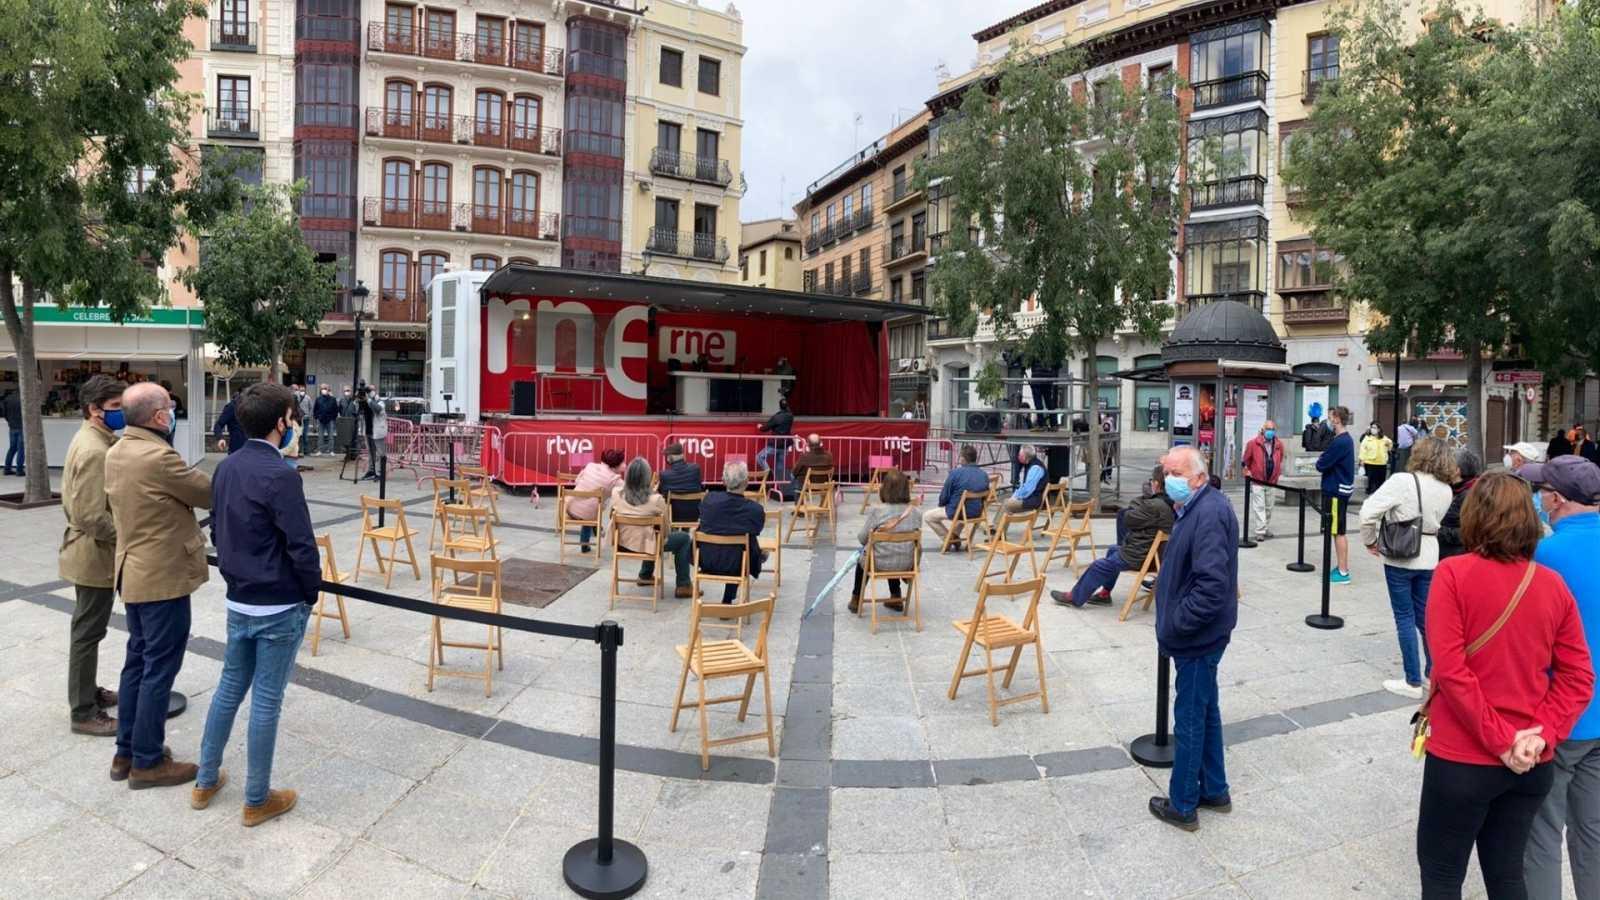 'Las mañanas con Íñigo Alfonso' celebra el VIII centenario de Alfonso X El Sabio en Toledo - Ver ahora